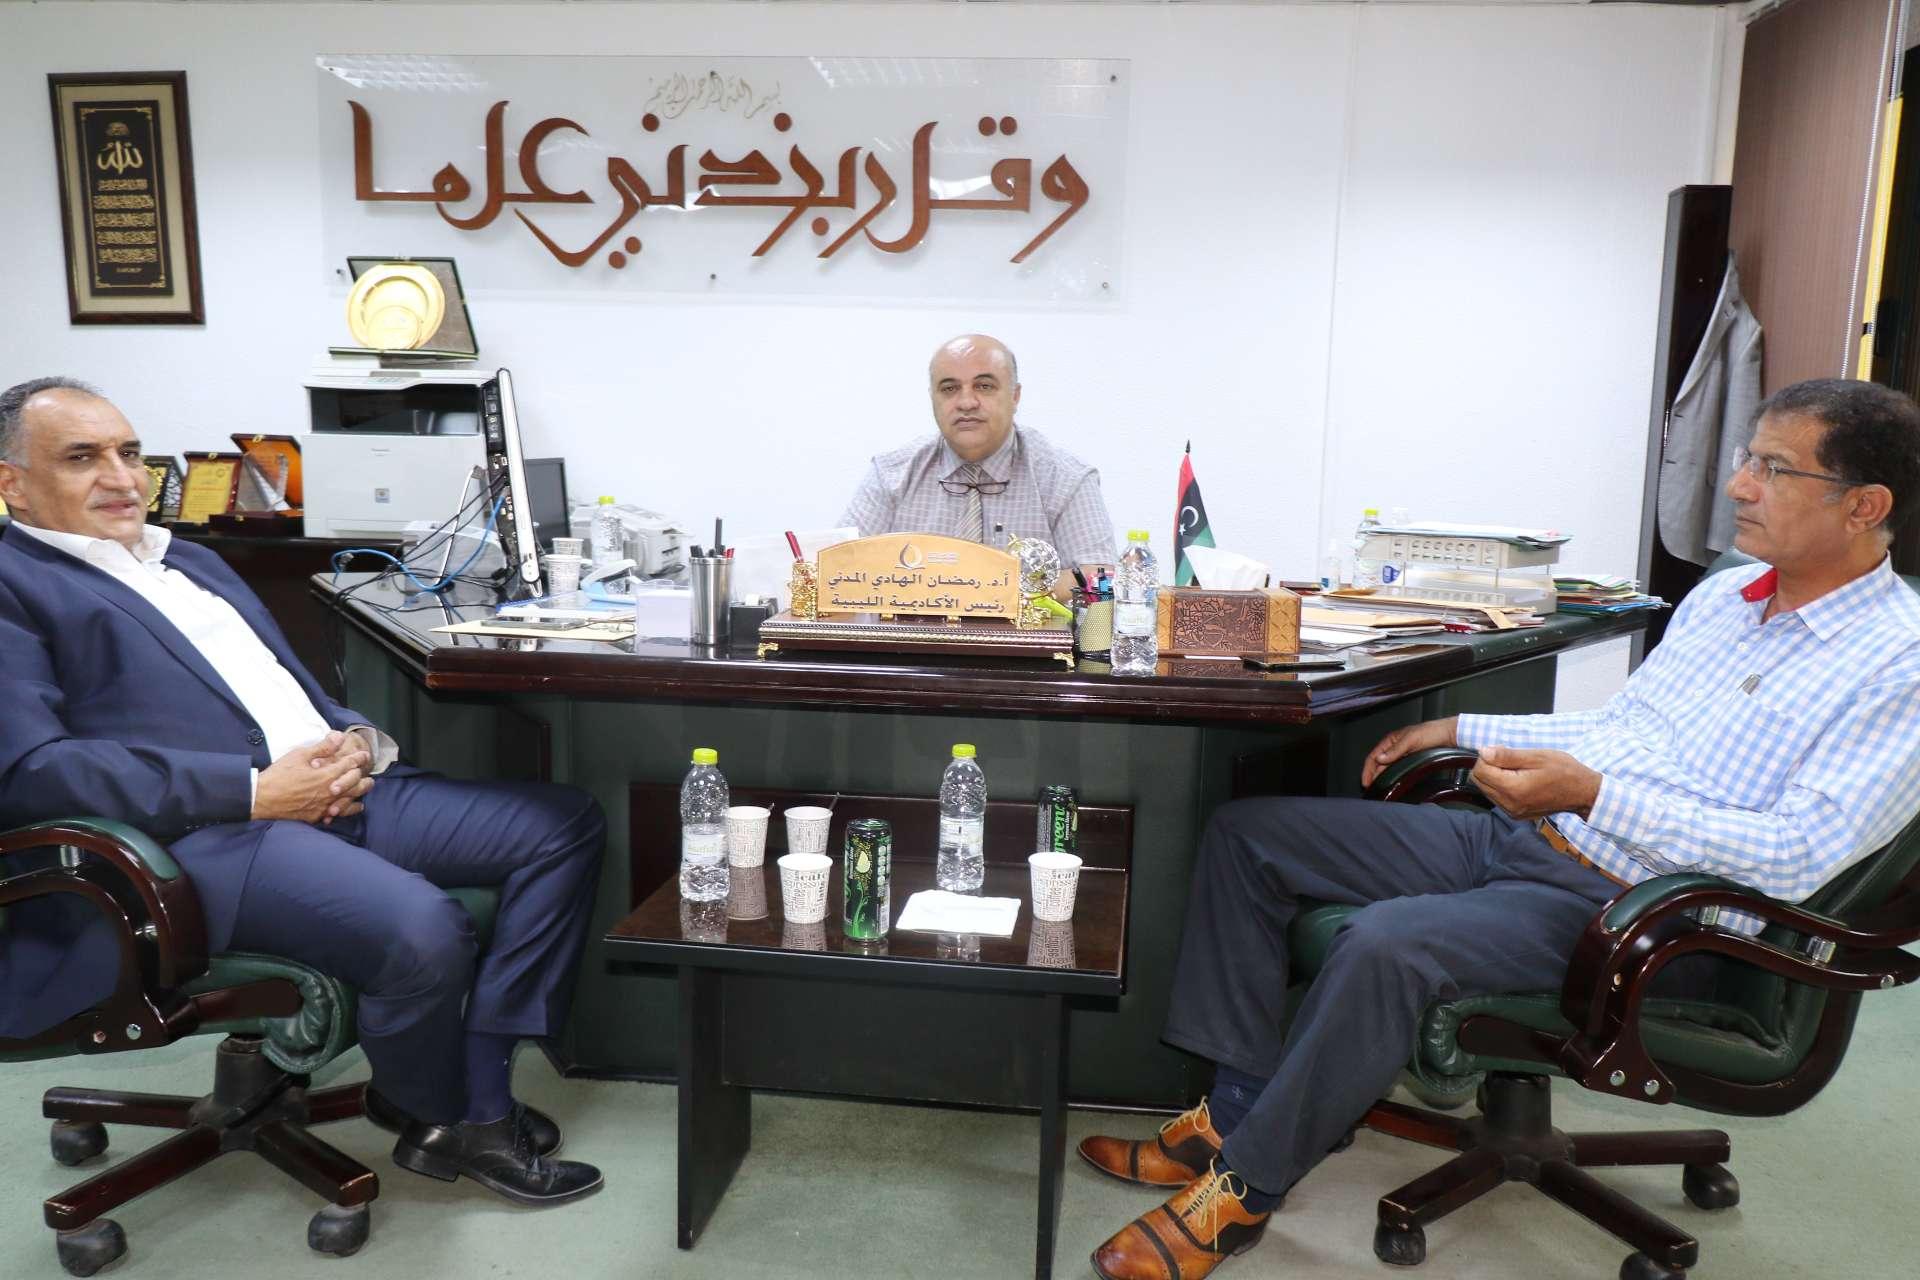 لجنة التعليم بمجلس النواب تزور الأكاديمية الليبية للدراسات العليا